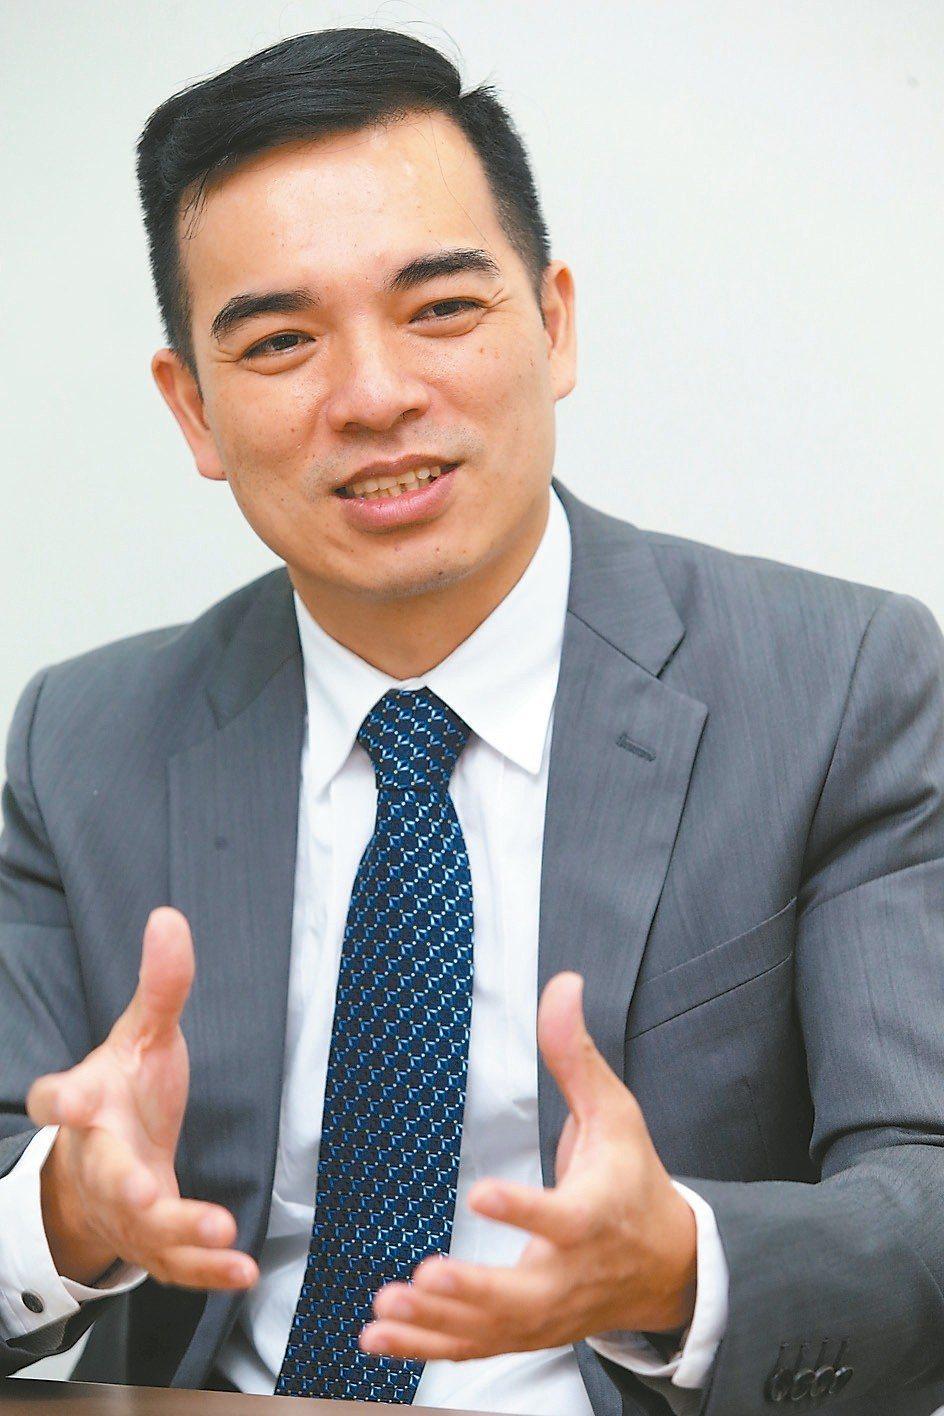 友達新總座由元太董座柯富仁接任。 本報系資料庫